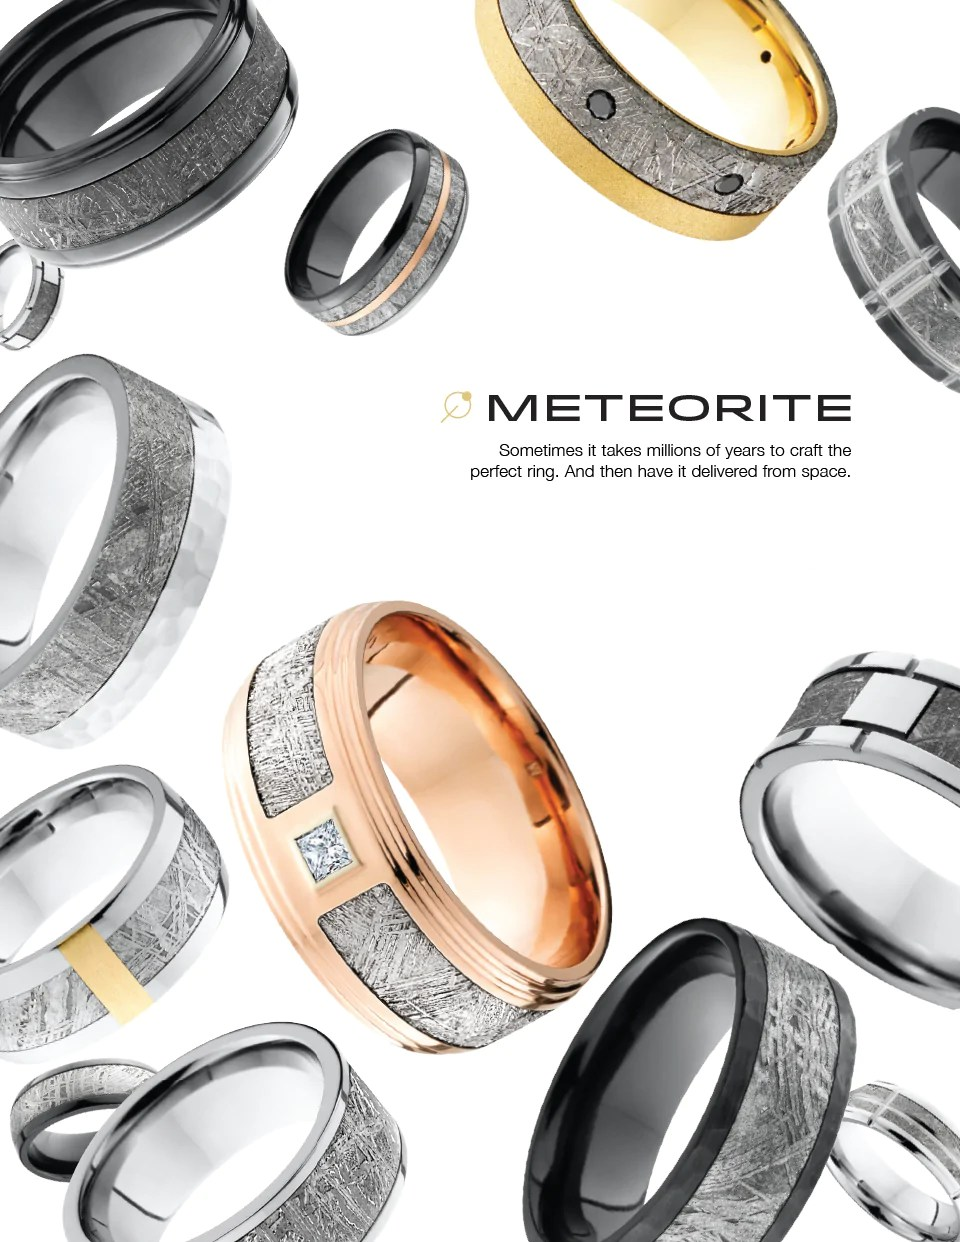 Stonebrook Jewelry - Jewelry - Riverton, UT - WeddingWire